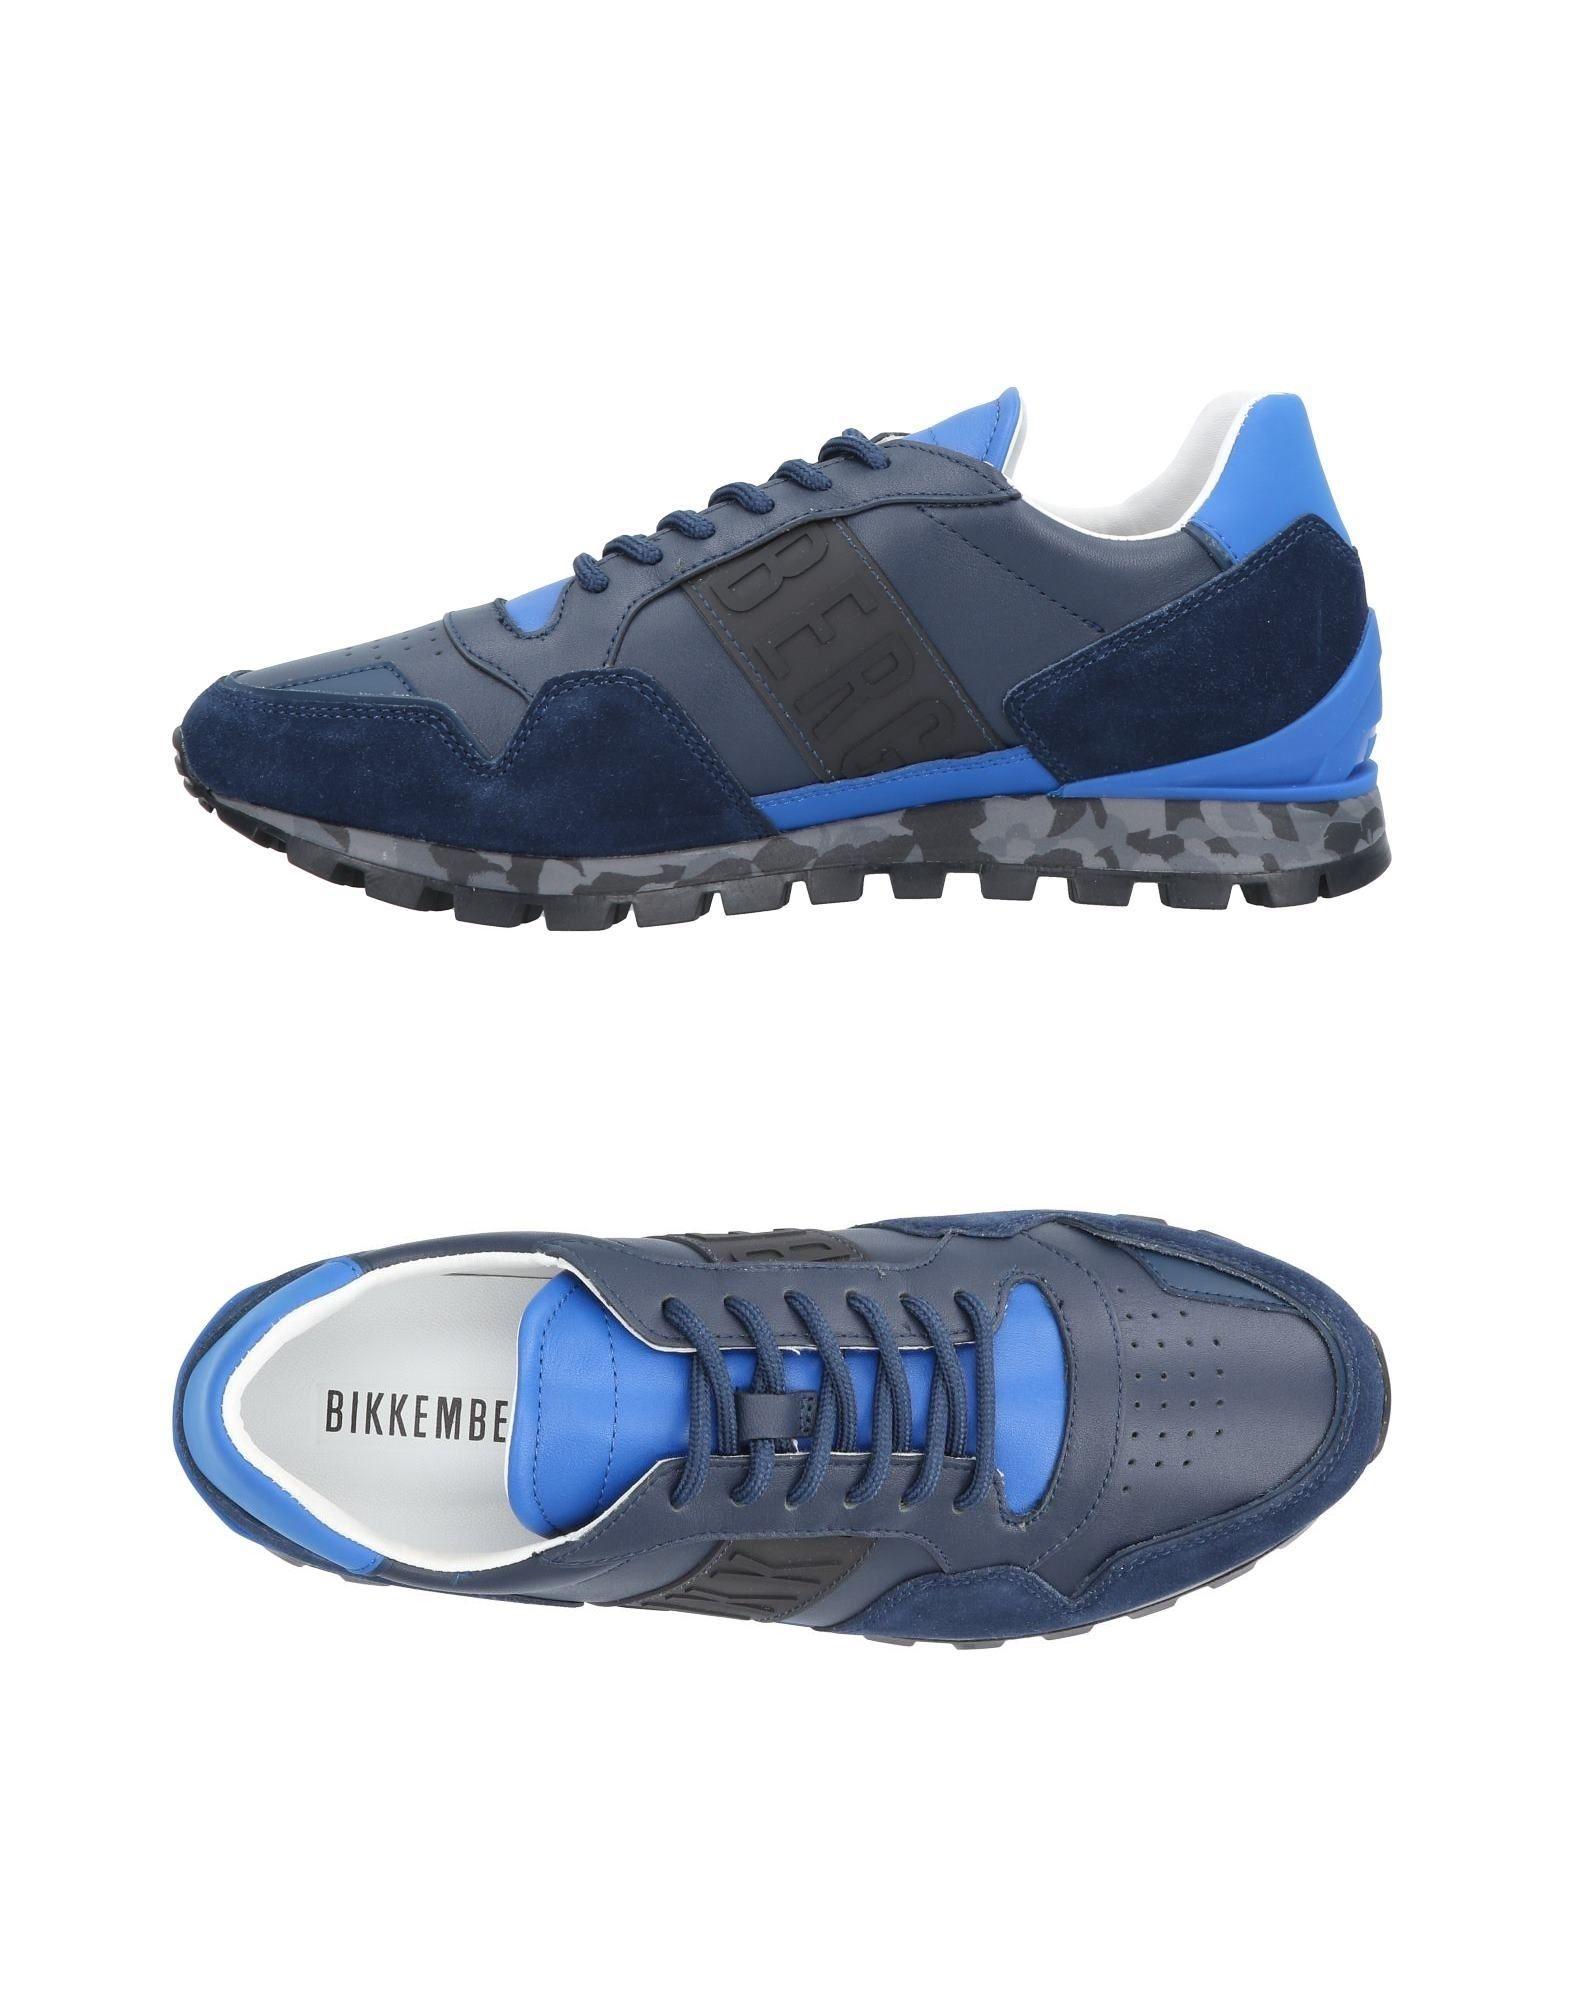 Bikkembergs Sneakers Herren  11449896KD Gute Qualität beliebte Schuhe